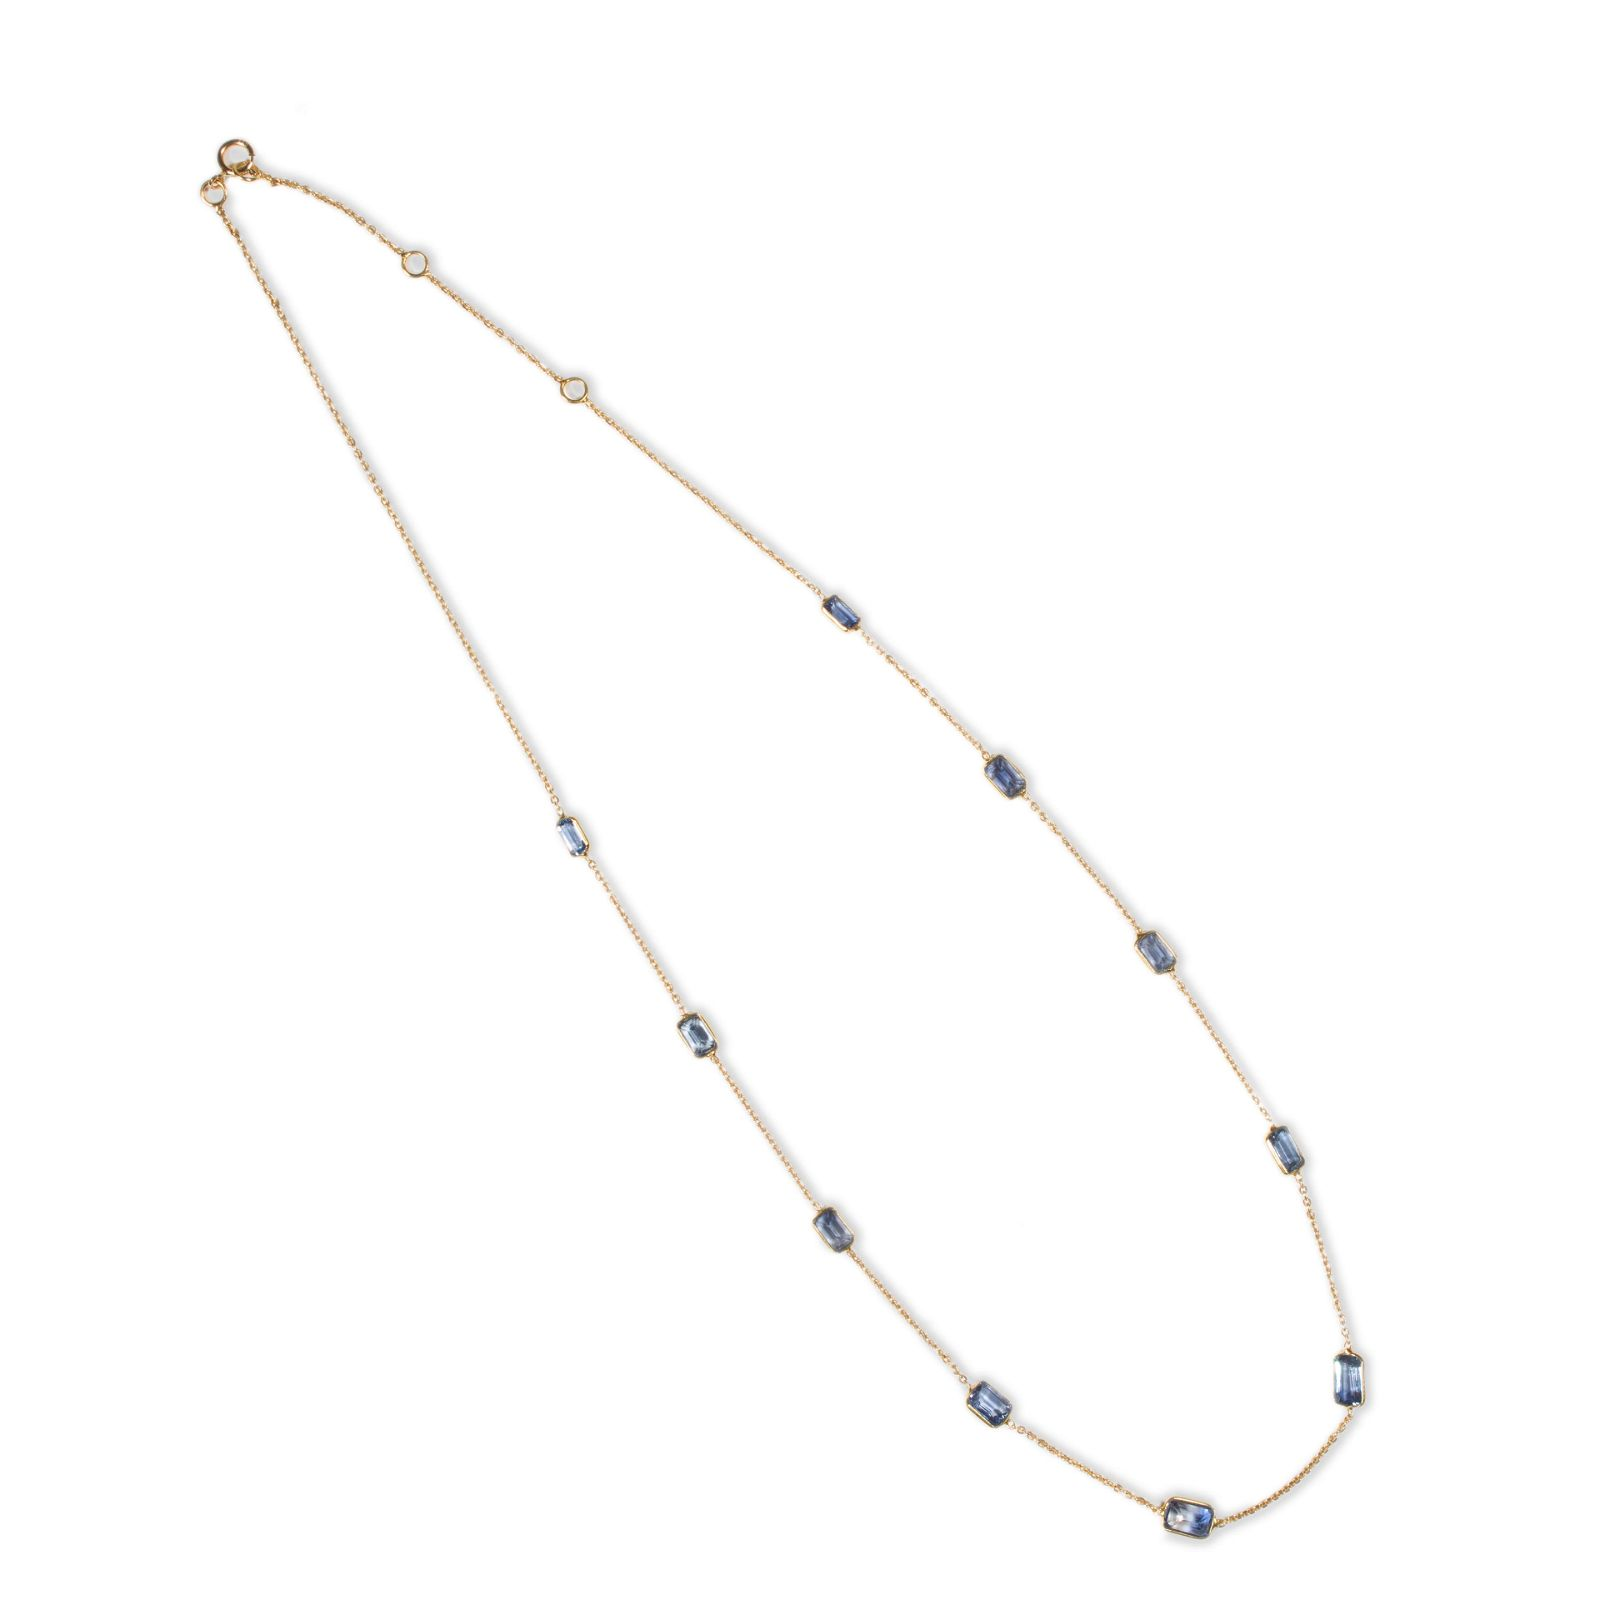 A sapphire and eighteen karat gold necklace